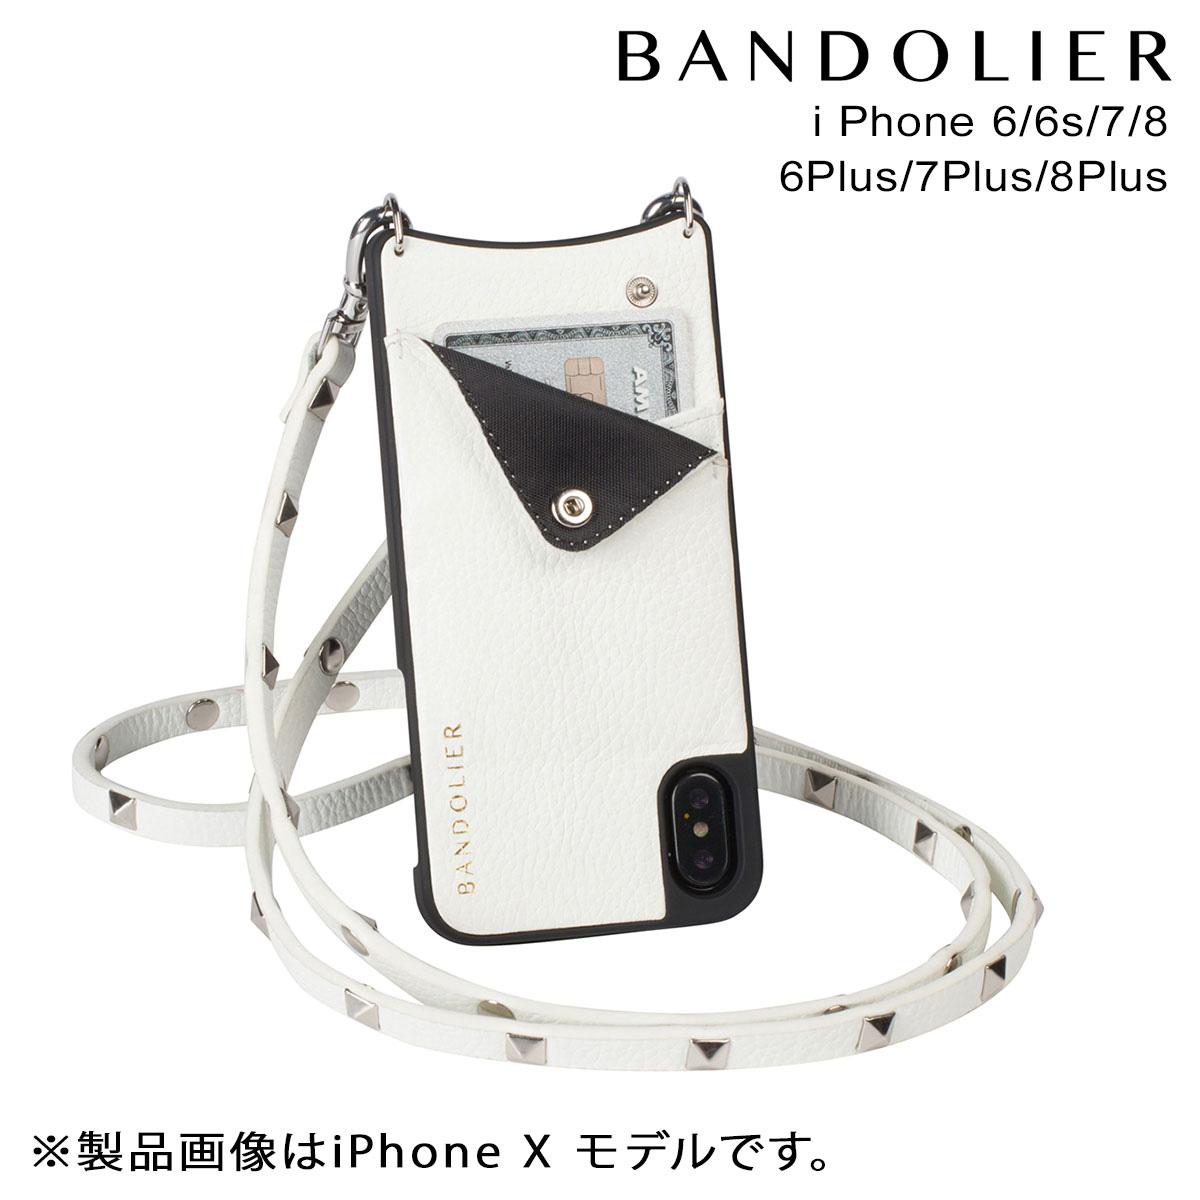 バンドリヤー BANDOLIER iPhone8 iPhone7 7Plus 6s ケース スマホ アイフォン プラス SARAH WHITE レザー メンズ レディース [9/14 再入荷]